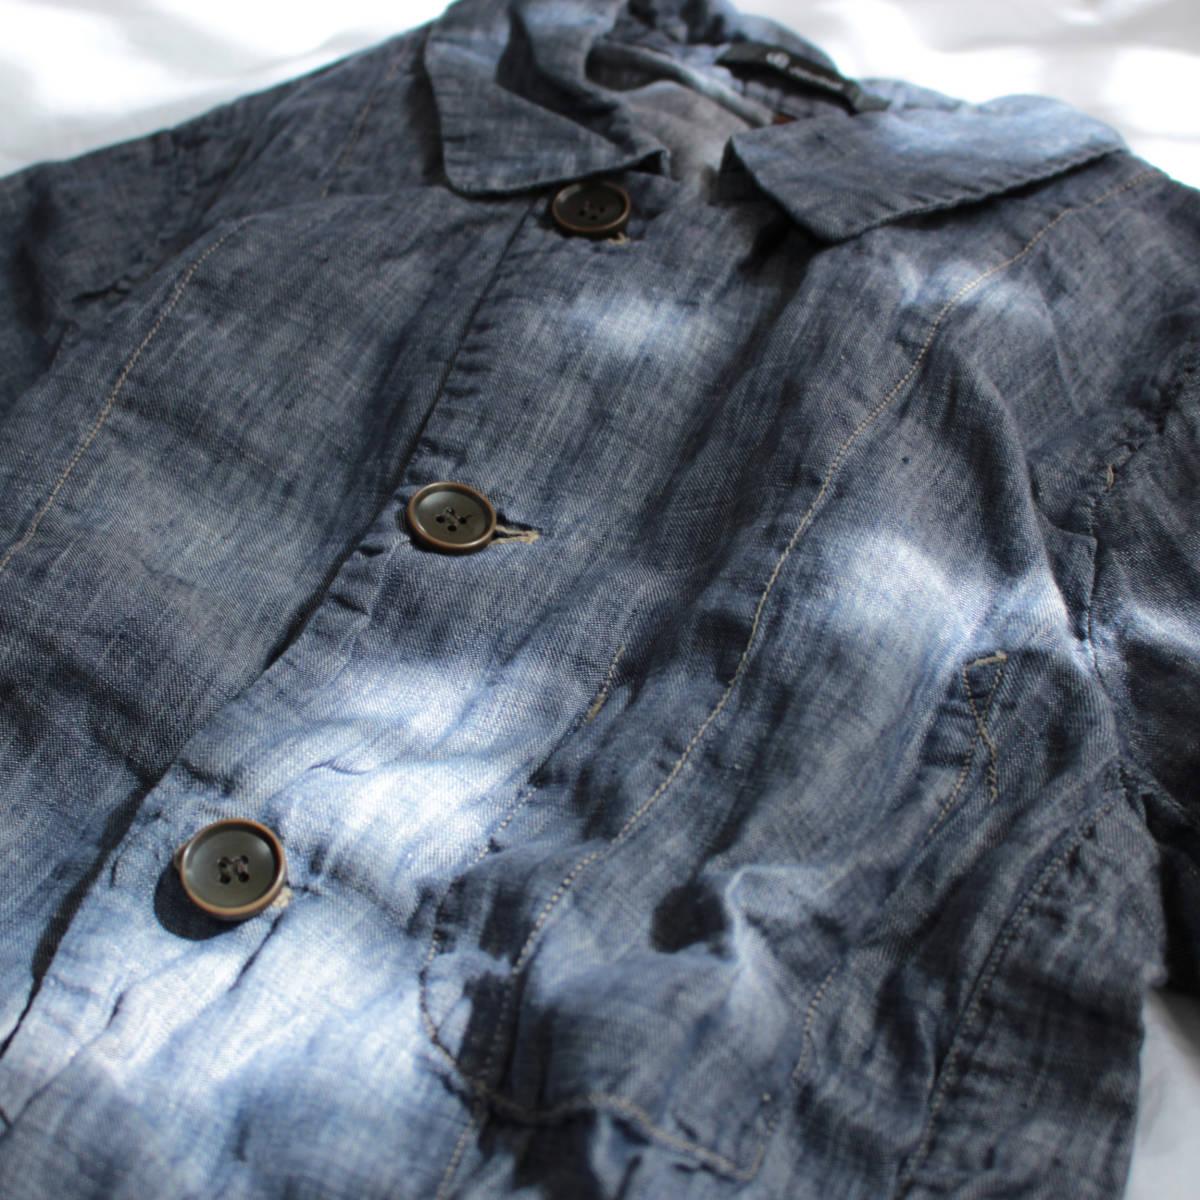 良好品* johnbull ジョンブル 麻100% シワ加工スプリングコート Mサイズ ●ジョンブル リネン メンズ 男性用 アウター 春 ブルー 青●